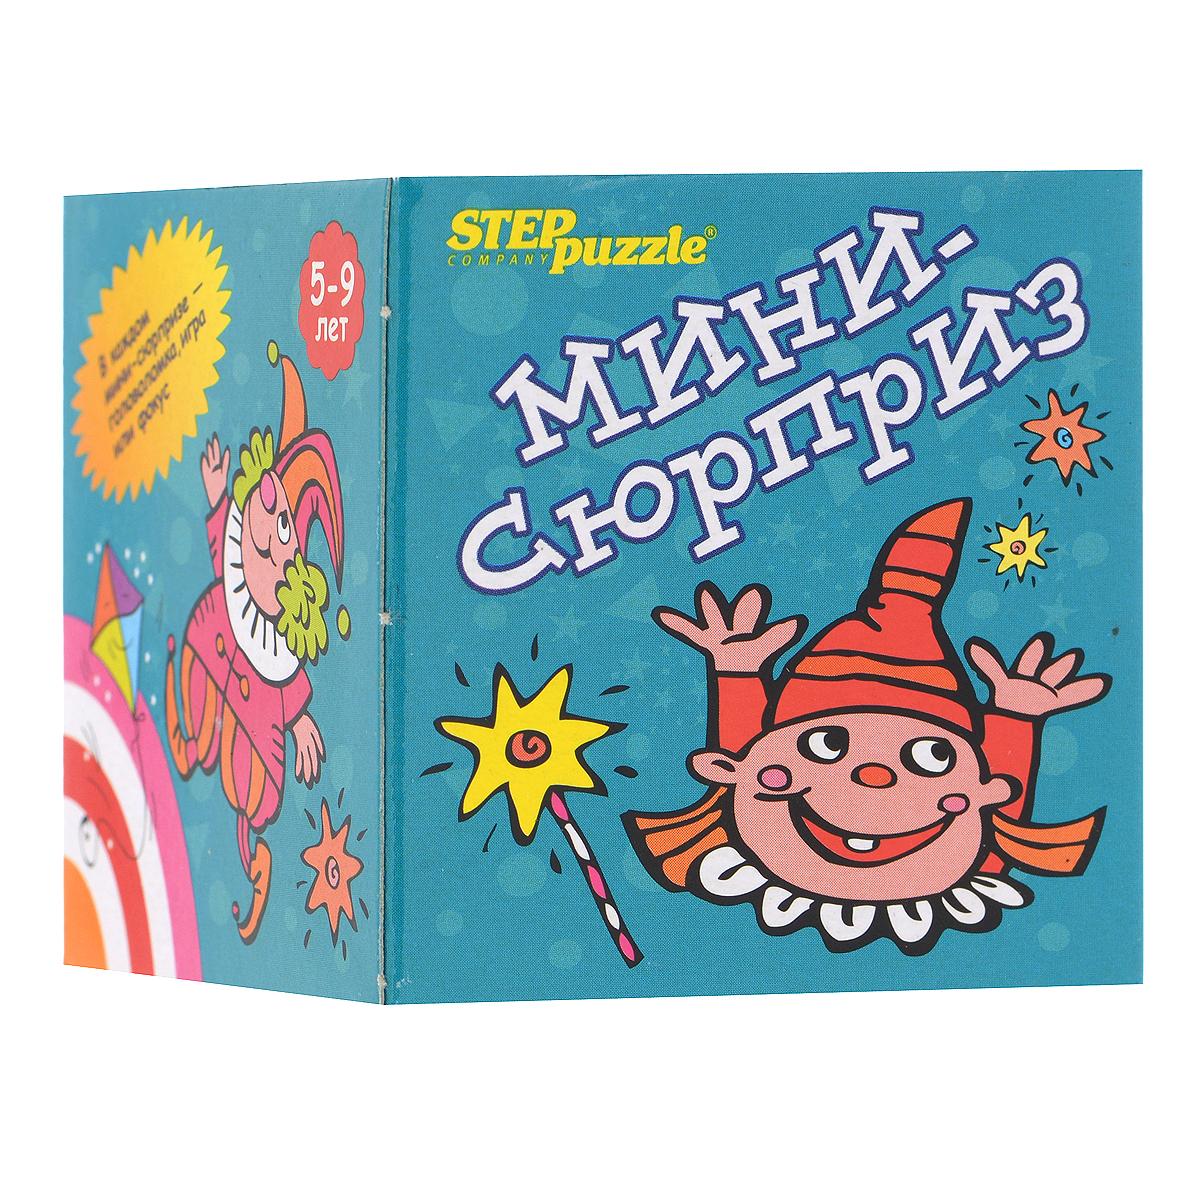 Step Puzzle Настольная игра Мини-сюрприз цвет бирюзовый76098_бирюзловыйИгра Step Puzzle Мини - Сюрприз представляет собой миниатюрные настольные игры, карты, фокусы, викторины, головоломки, пазлы. В каждом шоу-боксе все игры разные. Ваш выбор - это сюрприз. Содержимое коробочки не зависит от цвета коробочки. Предназначена для детей от 5 до 9 лет.